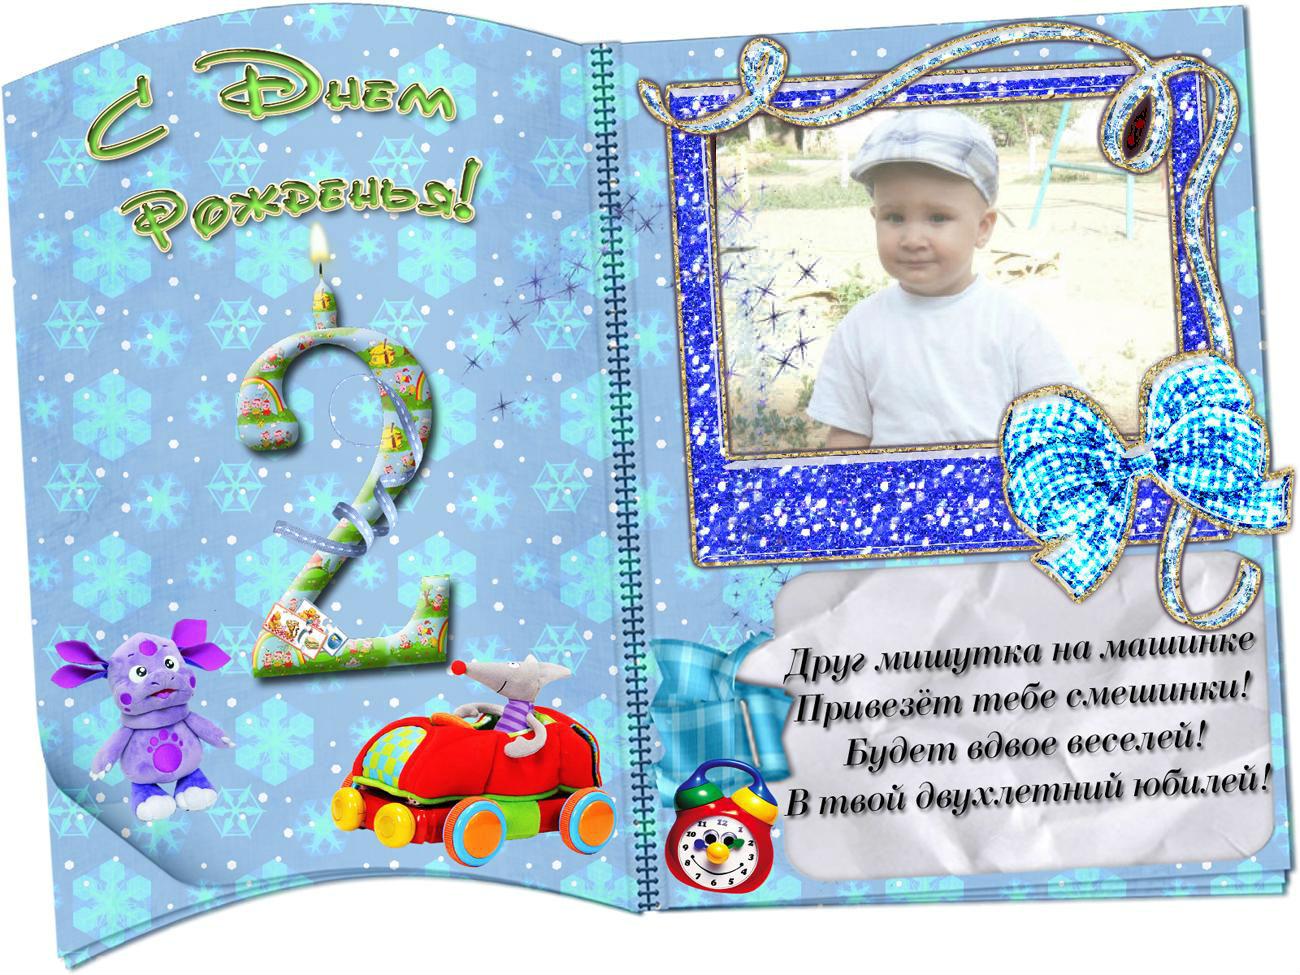 щиколотке статусы с поздравлением сыну на 2 годика выглядит пробка